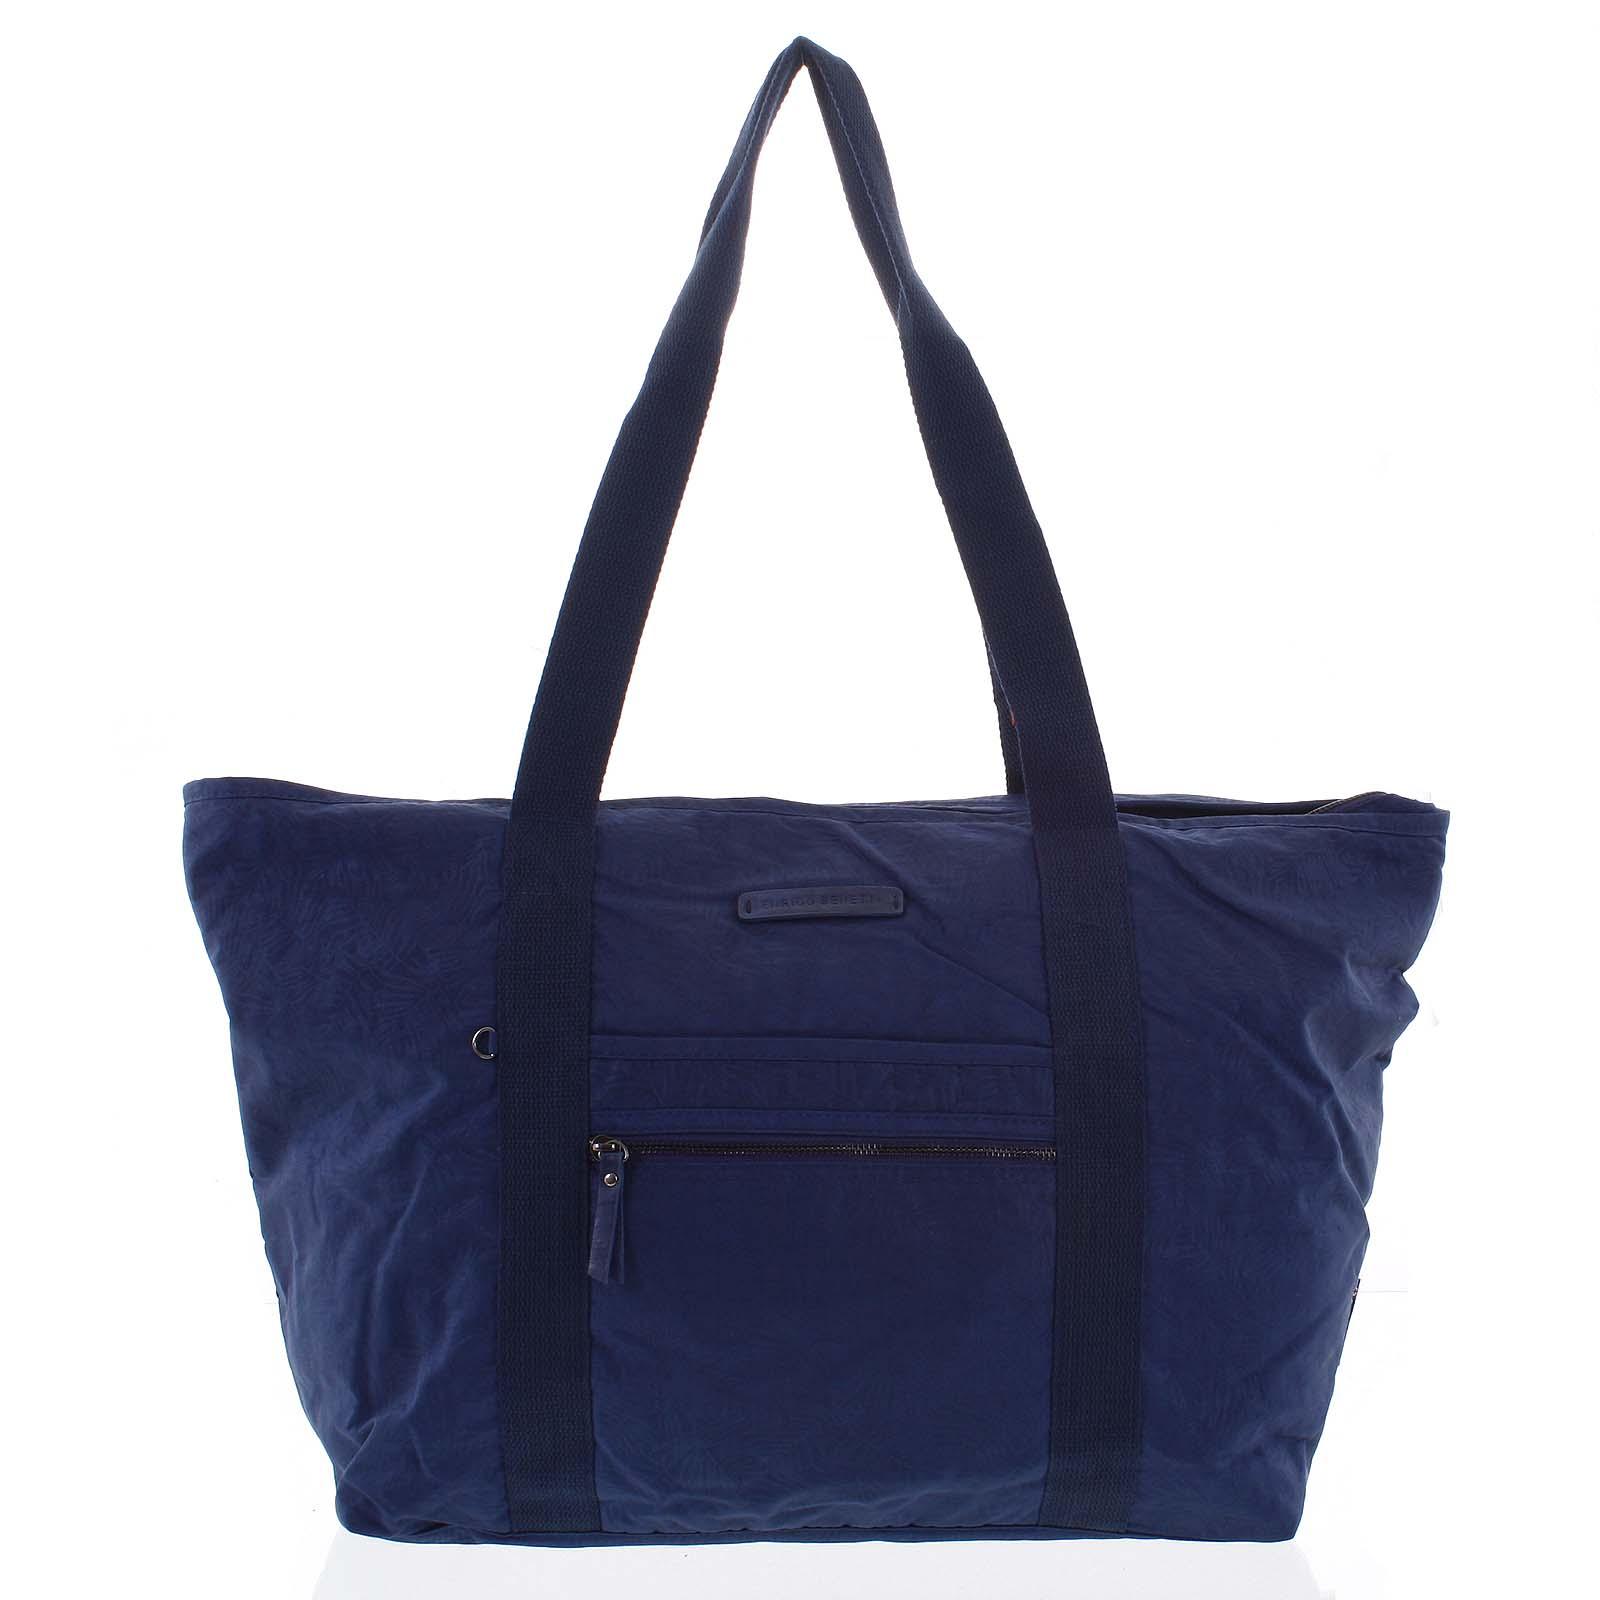 Velká dámská cestovní taška přes rameno tmavě modrá - Enrico Benetti Mariam